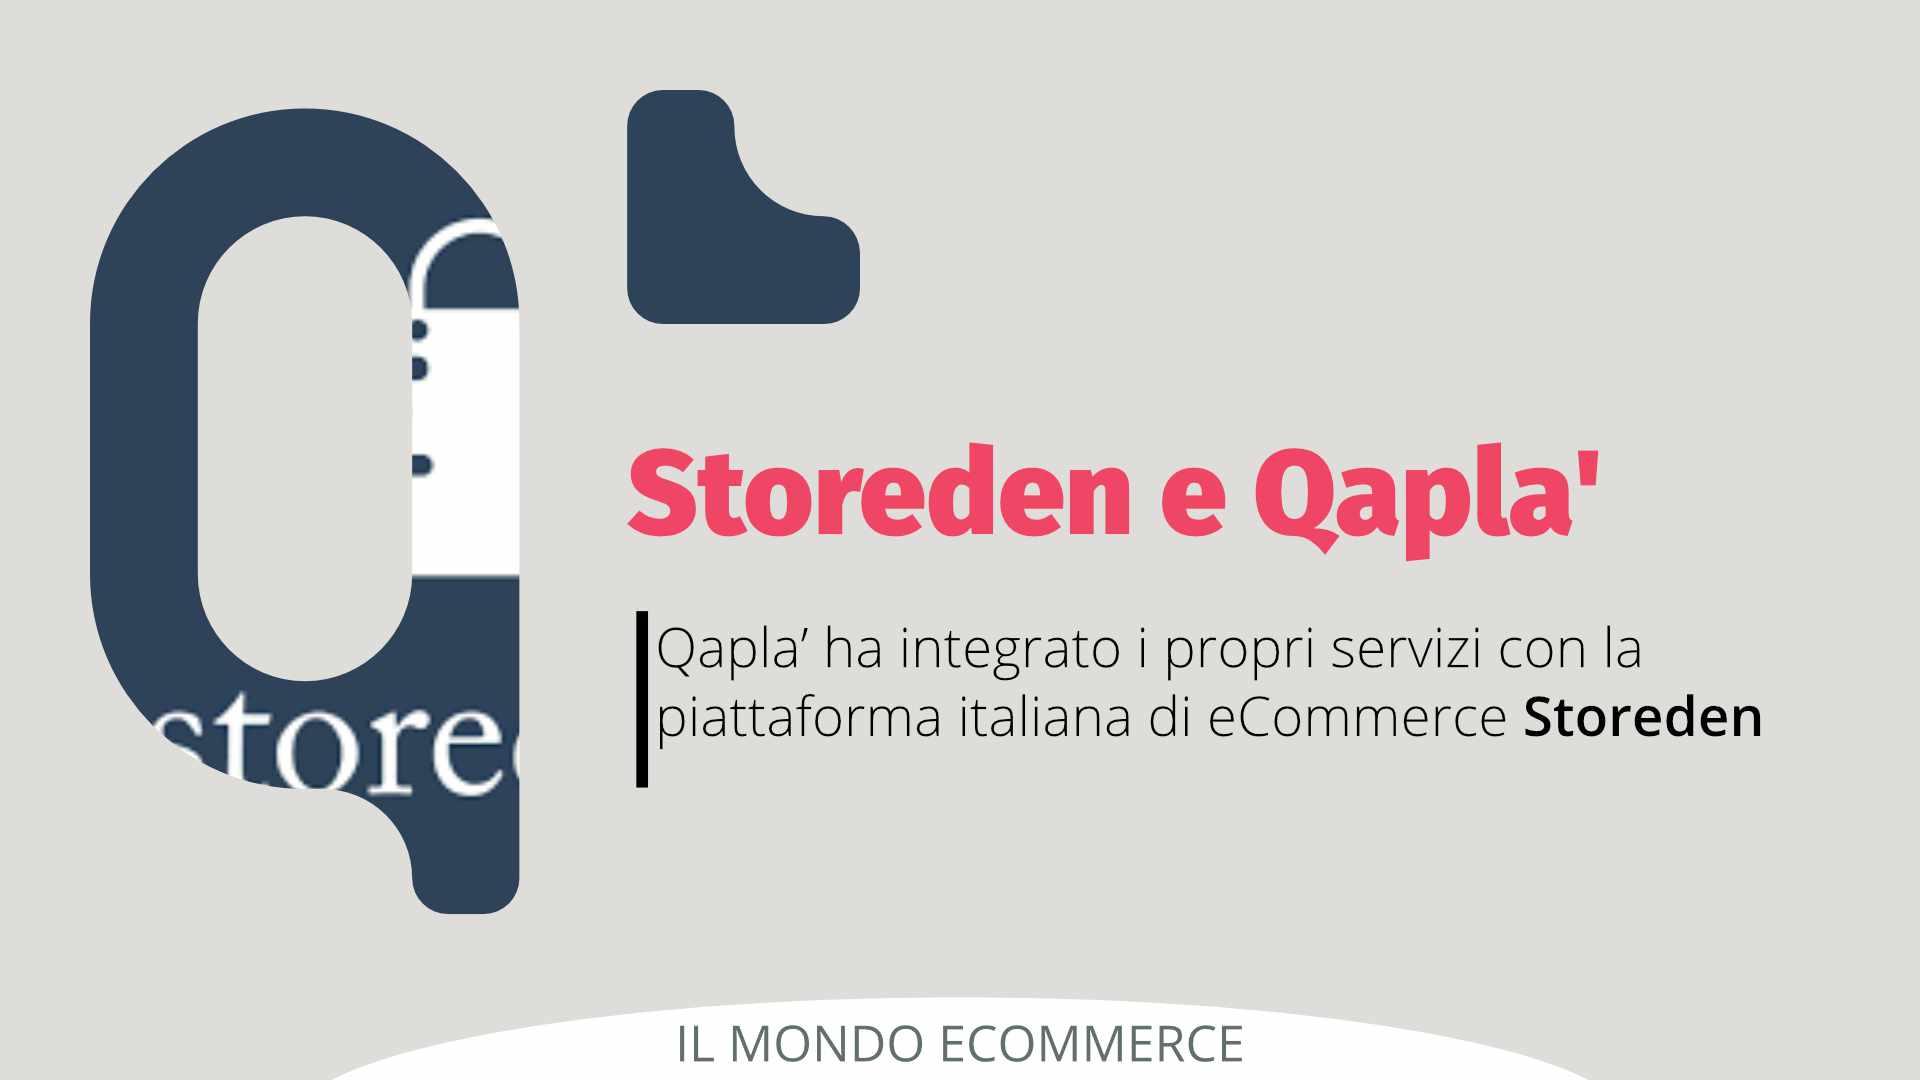 Storeden e Qapla' partner per un miglior servizio di vendita online per aziende e buyer